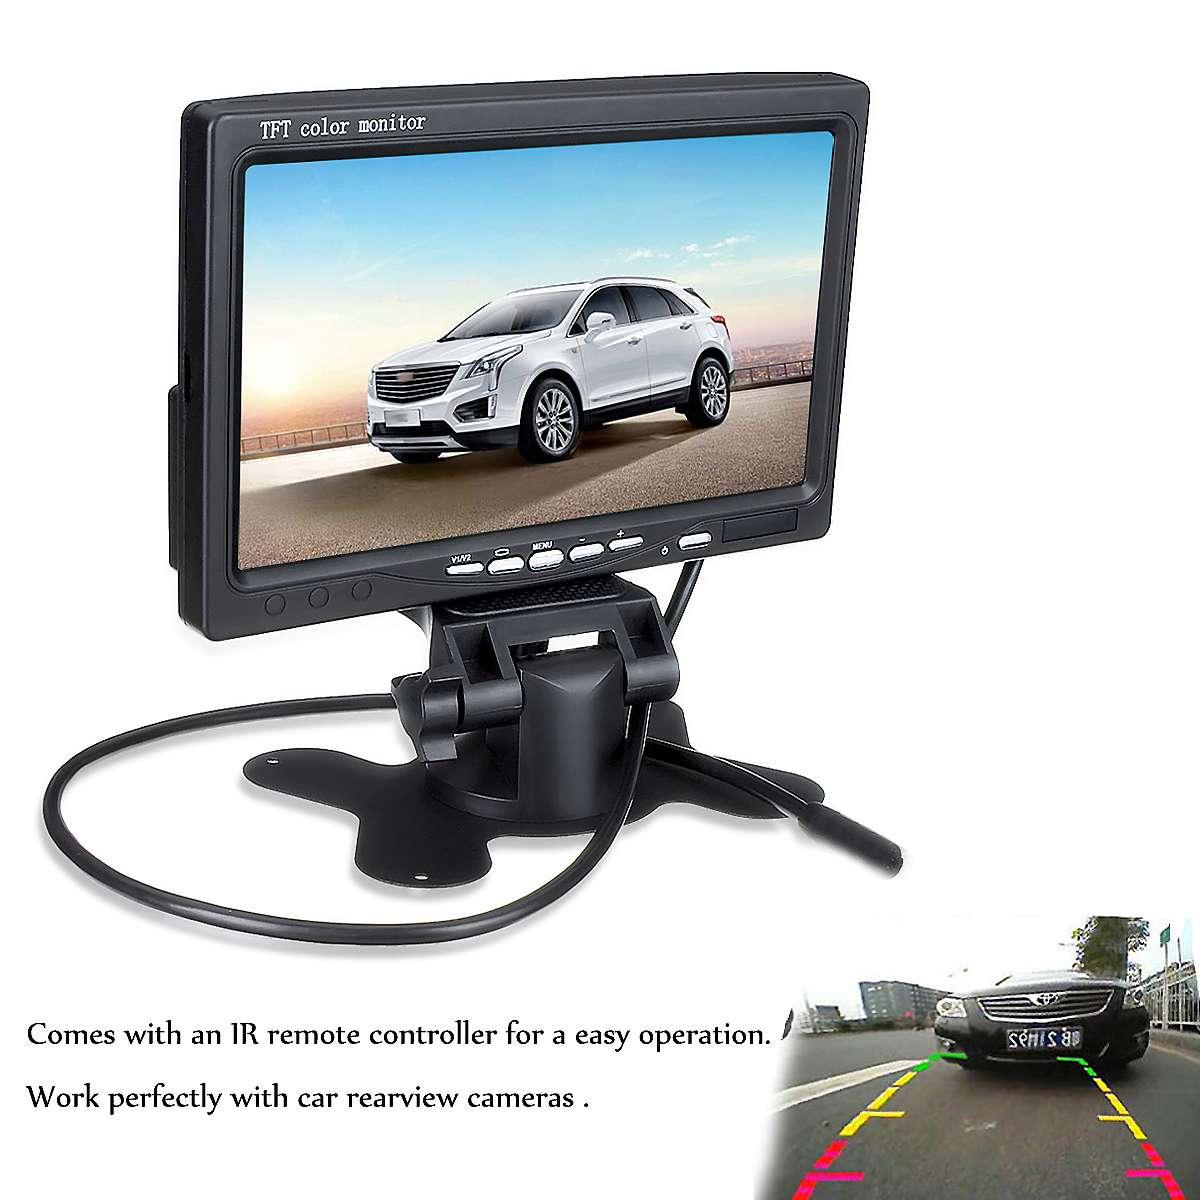 Màn hình hiển thị camera lùi, màn hình taplo 7 inch điện áp 12V-24V có 2 cổng AV, kèm điều khiển từ xa, màn hình màu dạng TFT-LCD cho hình ảnh camera sắc nét